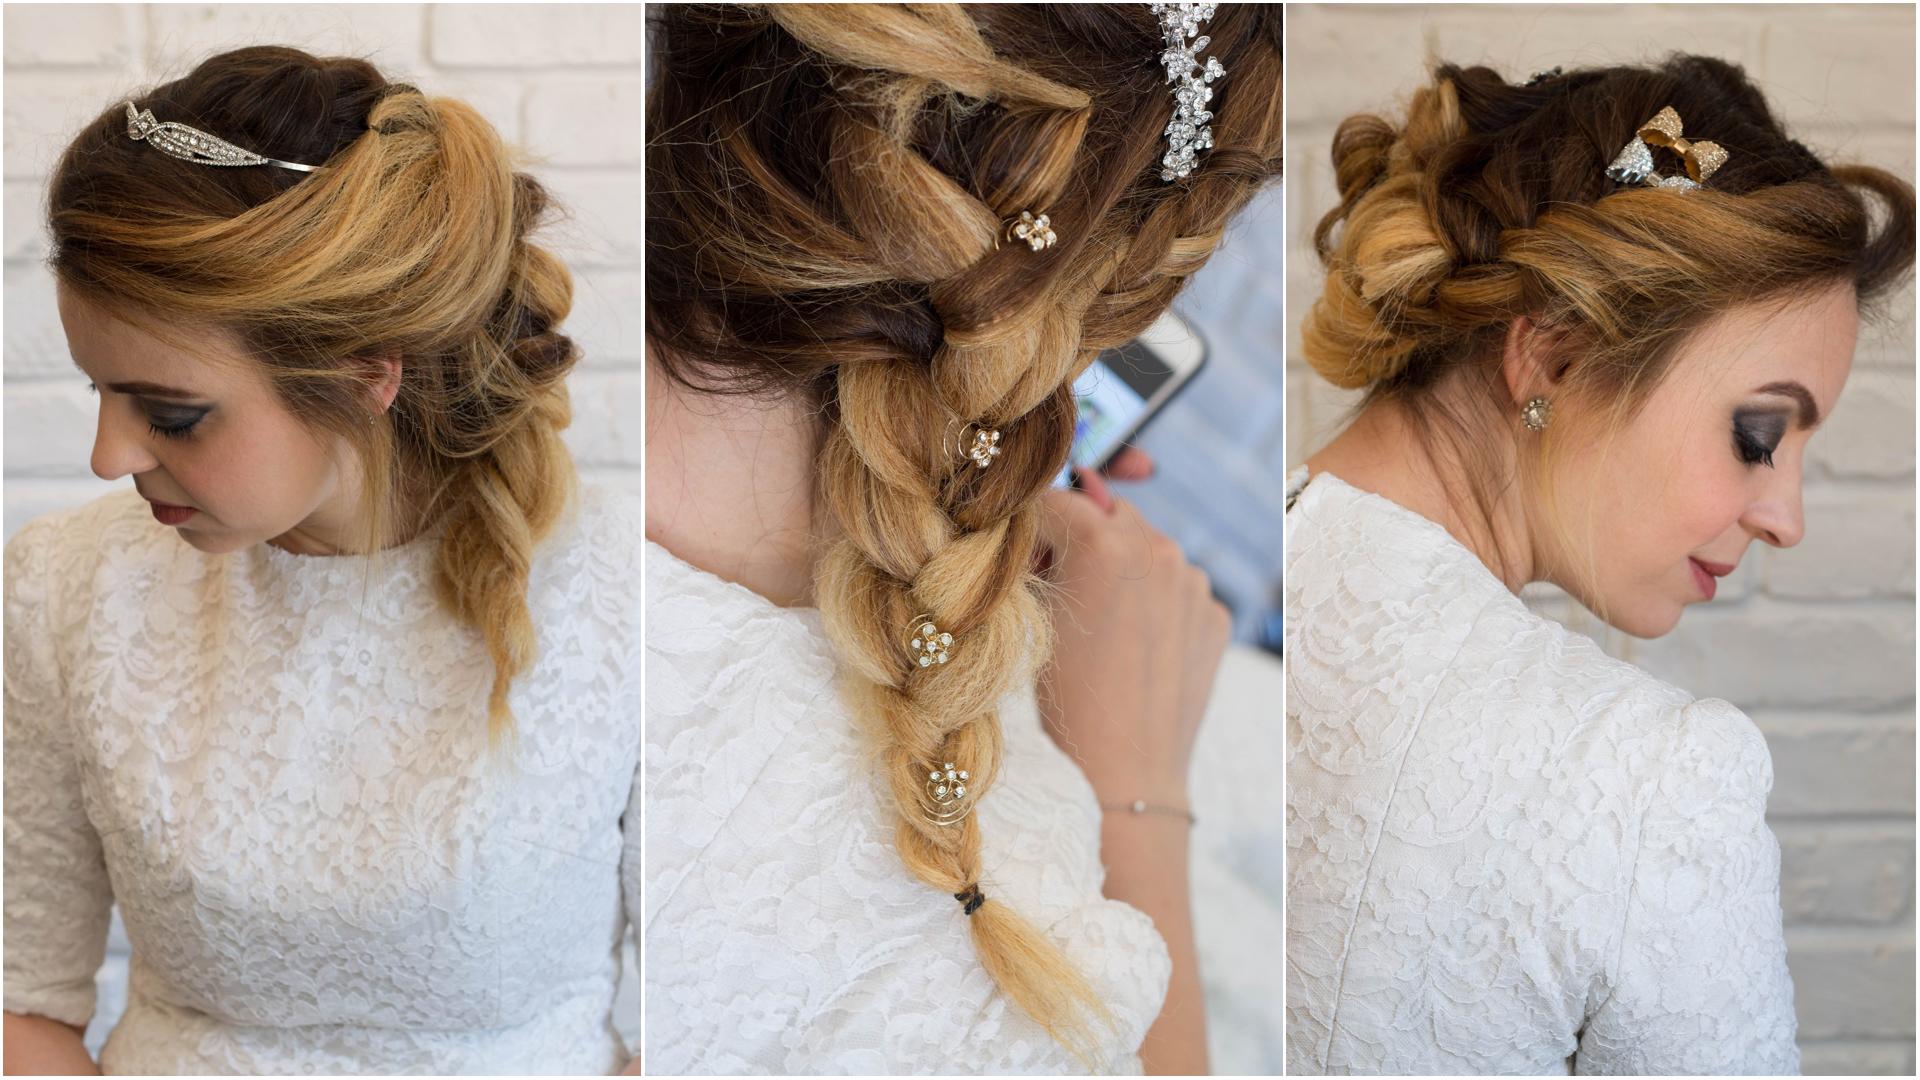 Acconciature per capelli lunghi con treccia